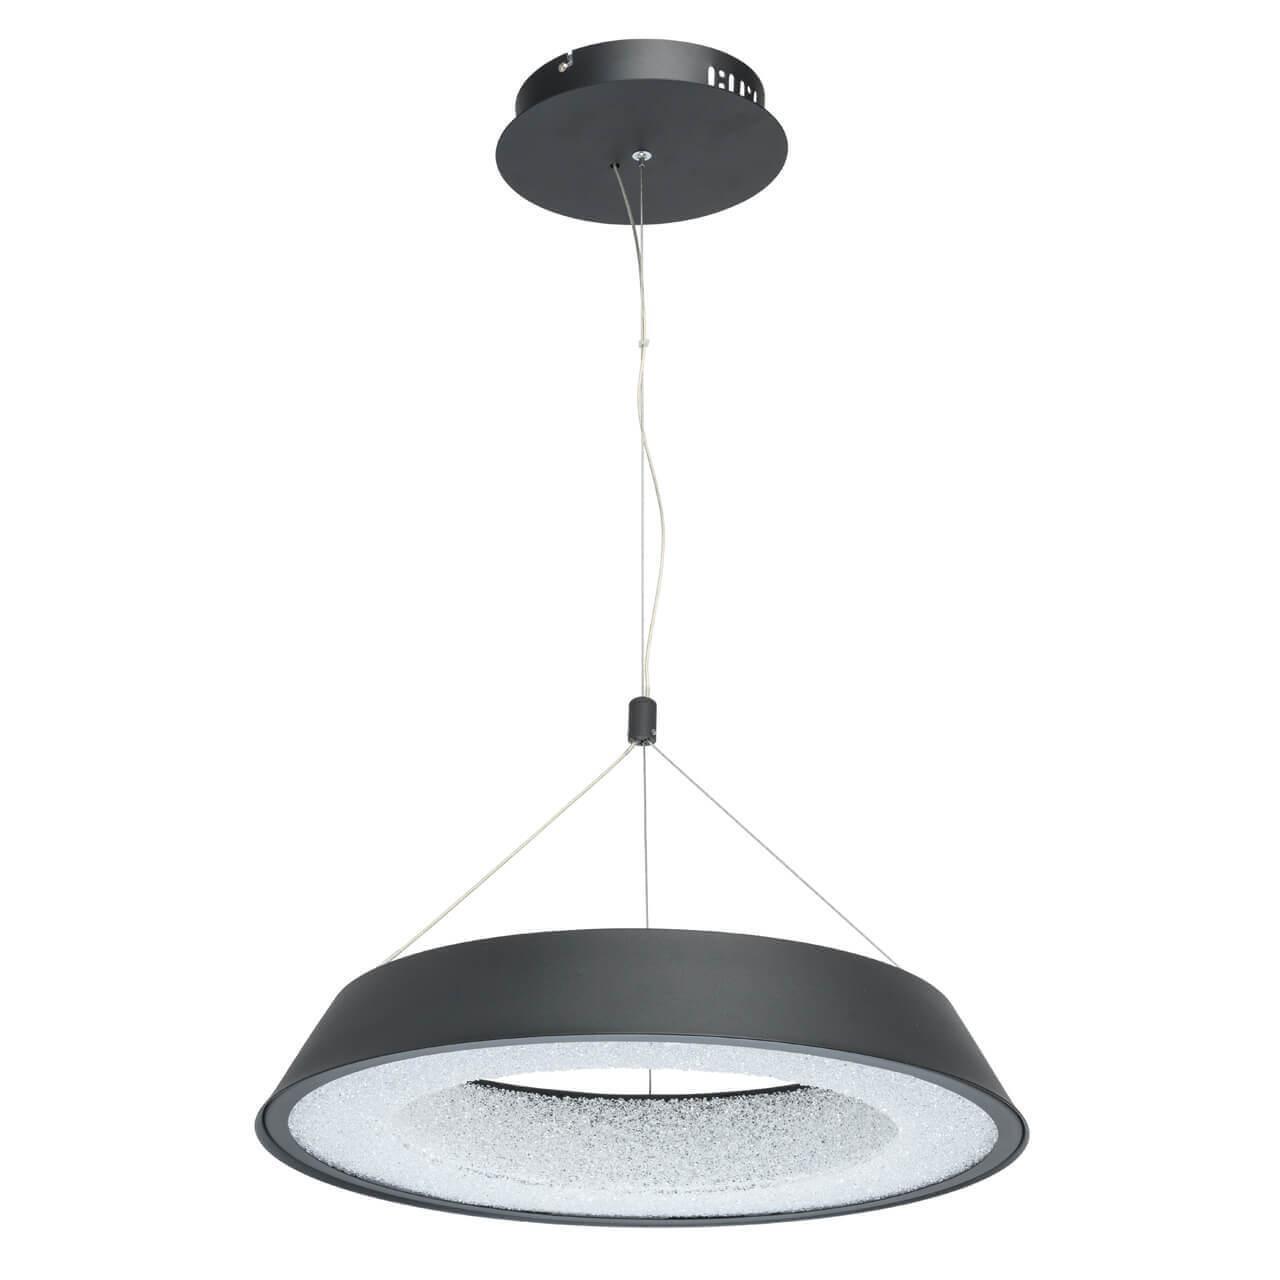 Подвесной светильник De Markt 703010701, LED, 35 Вт regenbogen life подвесной светильник перегрина